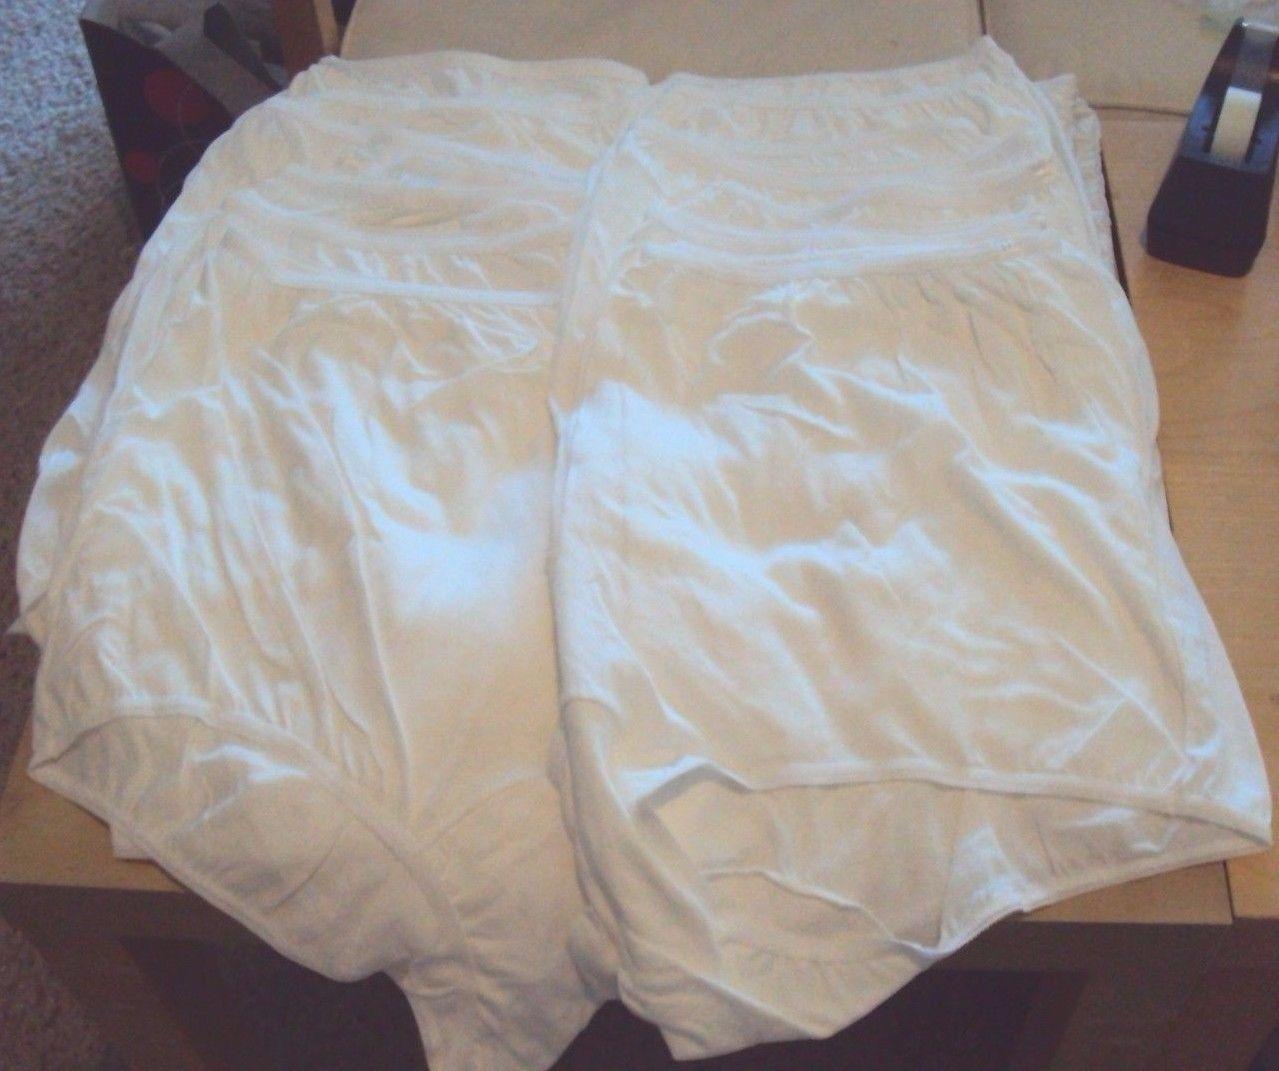 Twelve Dixie Belle Lingerie plus size Cotton Briefs Size 16 White